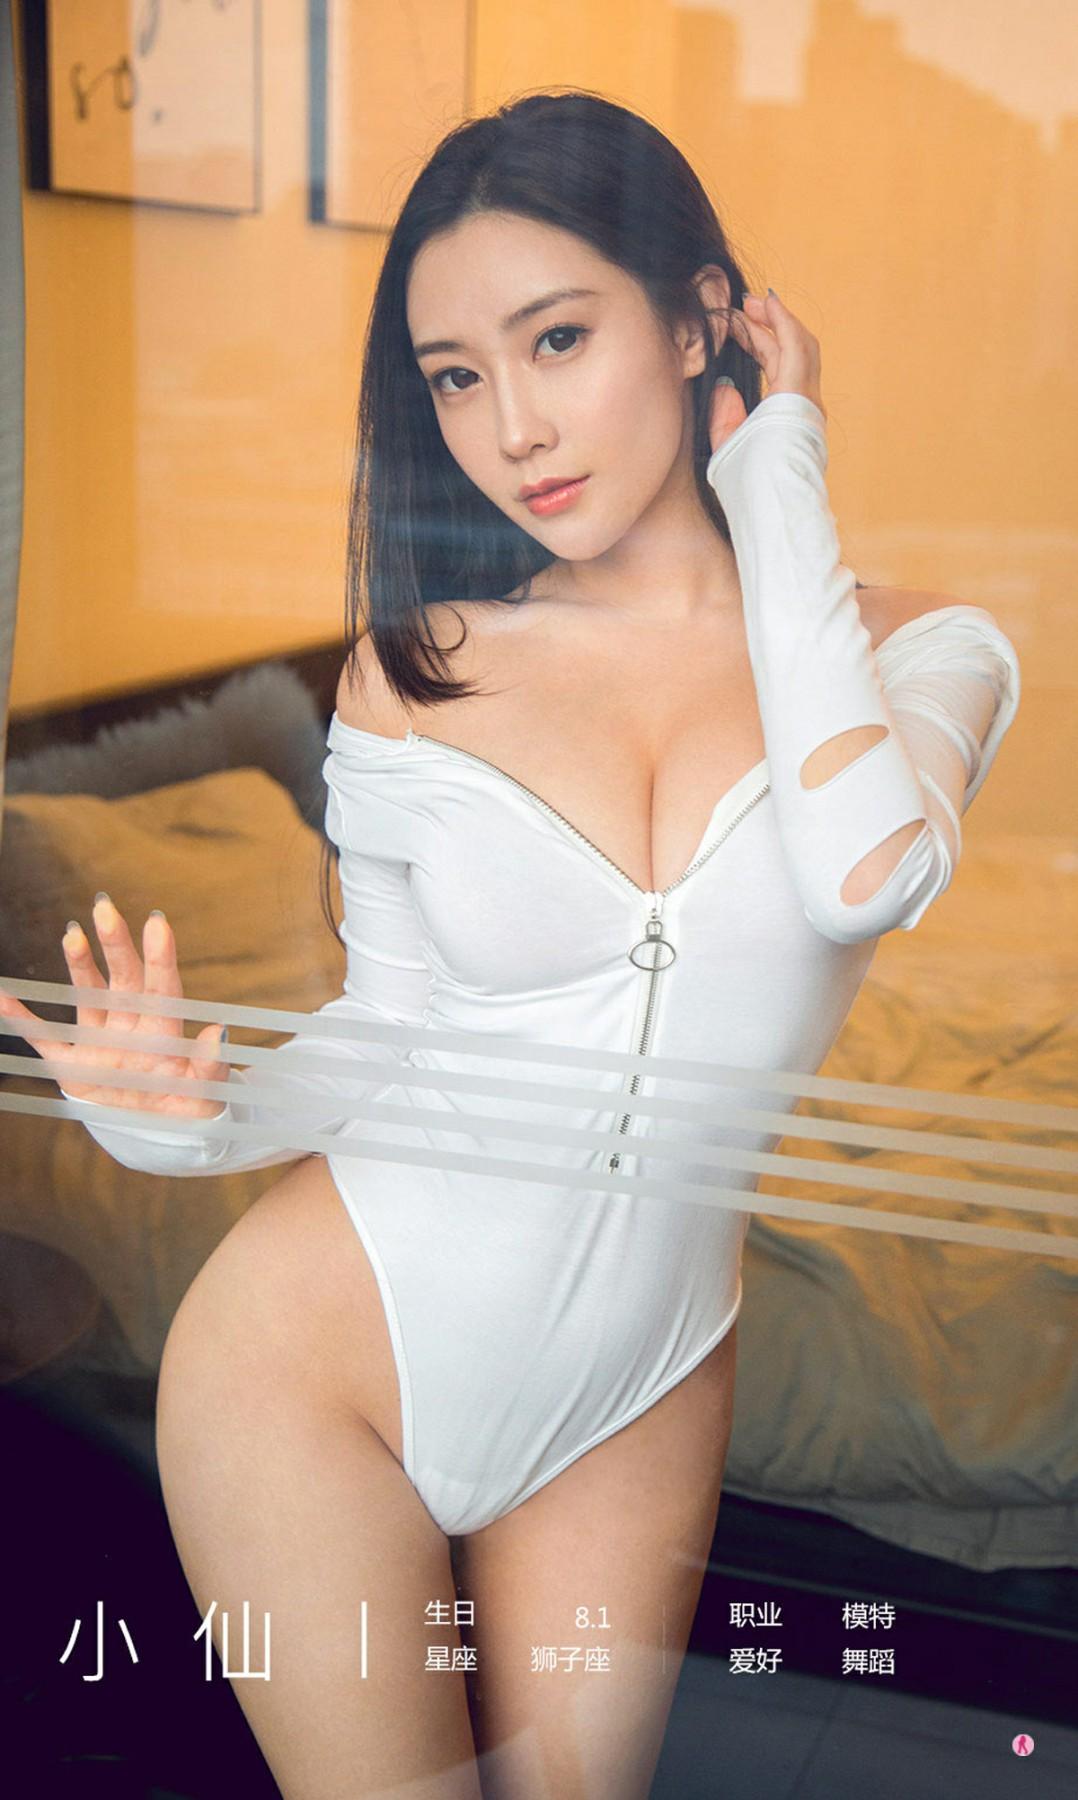 [Ugirls尤果网]爱尤物 2020.03.19 No.1765 小仙 小鲜女-第2张图片-福利社